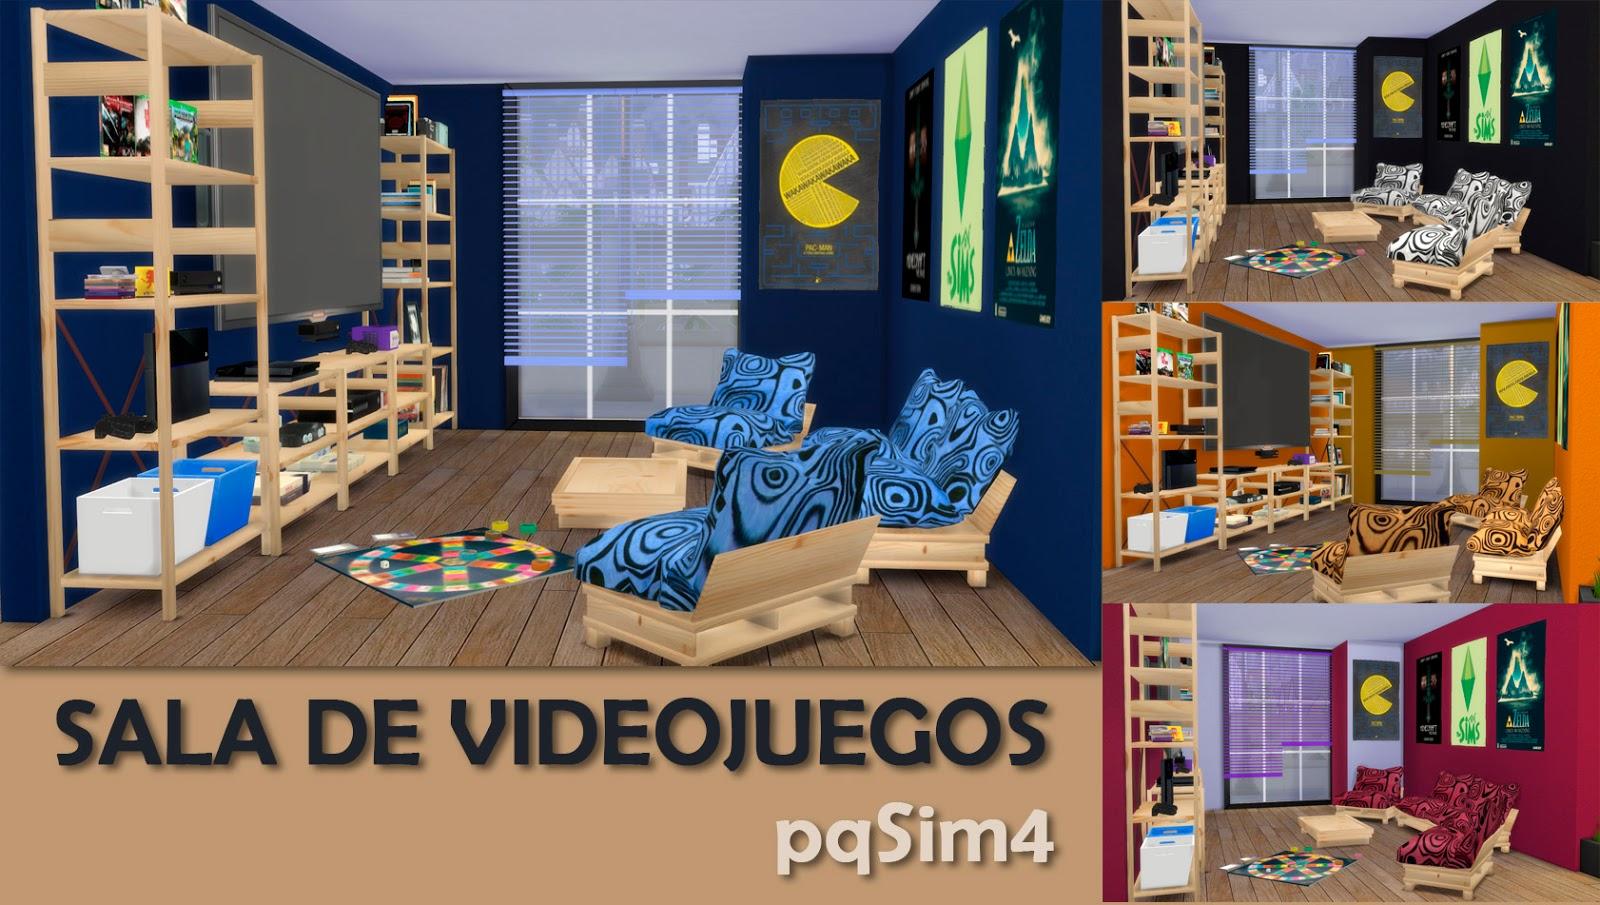 Sala de videojuegos sims 4 custom content for Sala de estar the sims 4